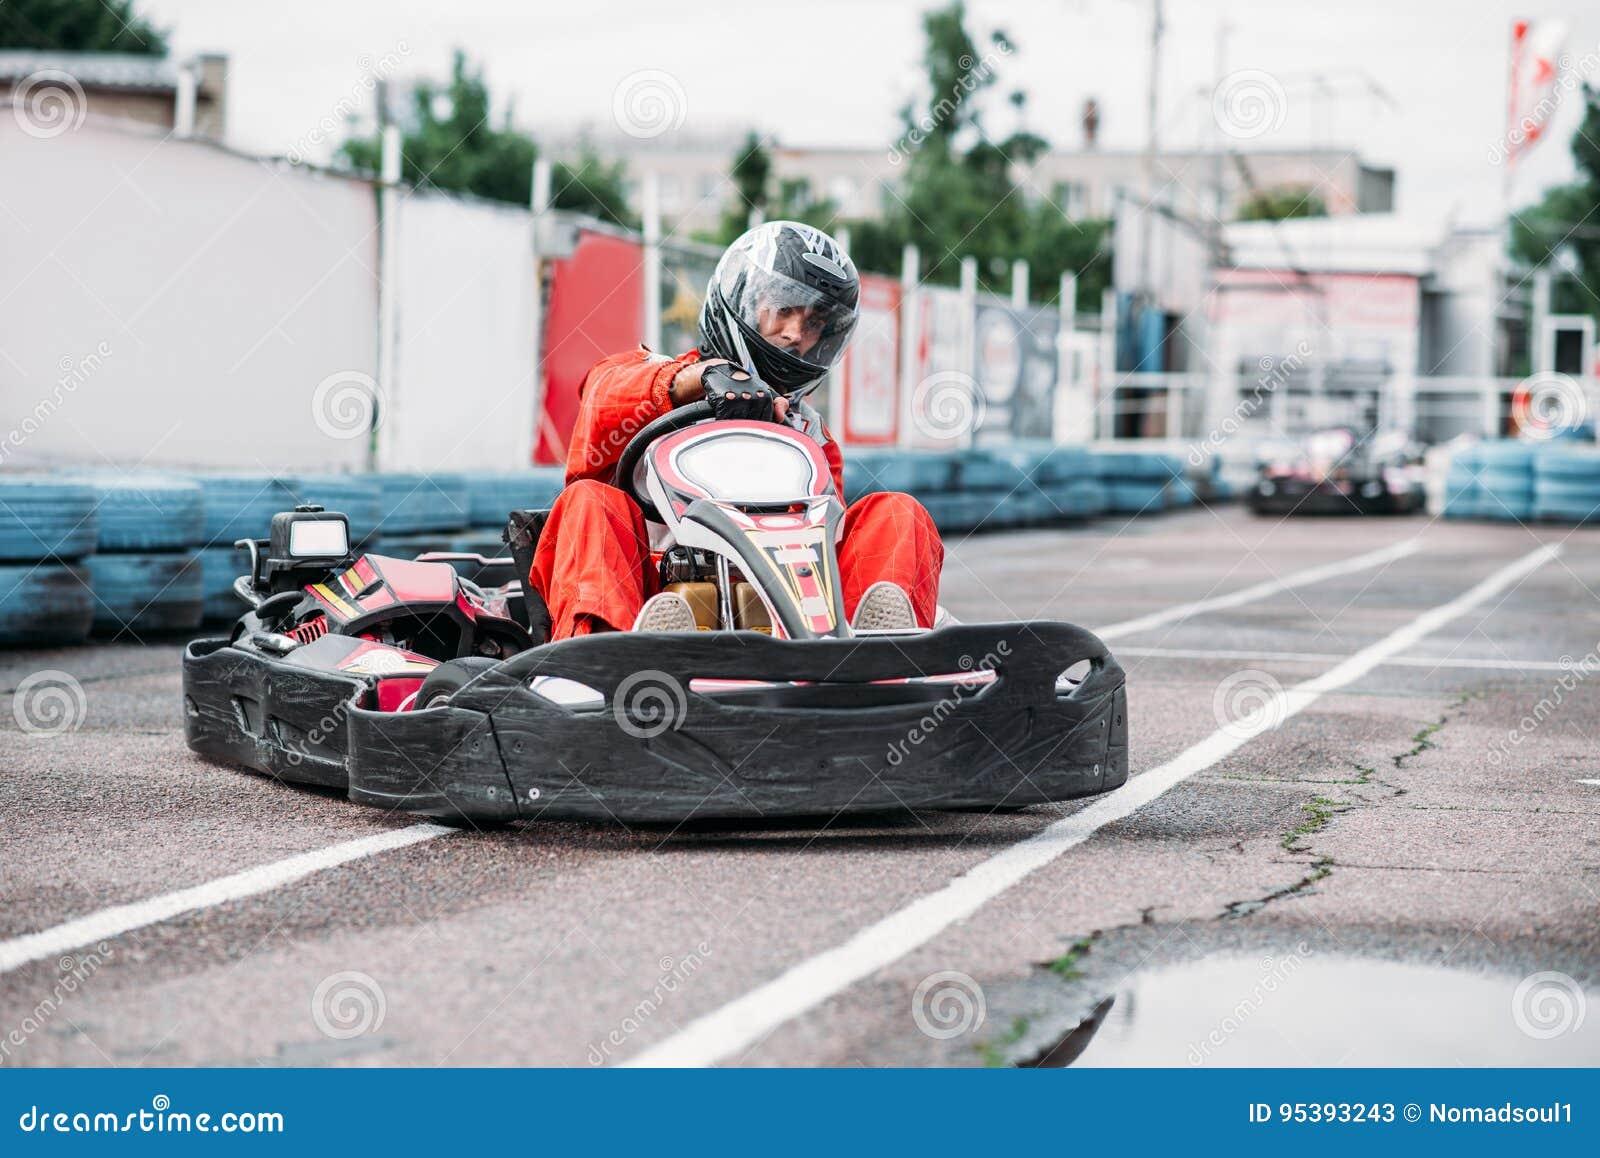 Гонщик Karting в действии, идет конкуренция kart